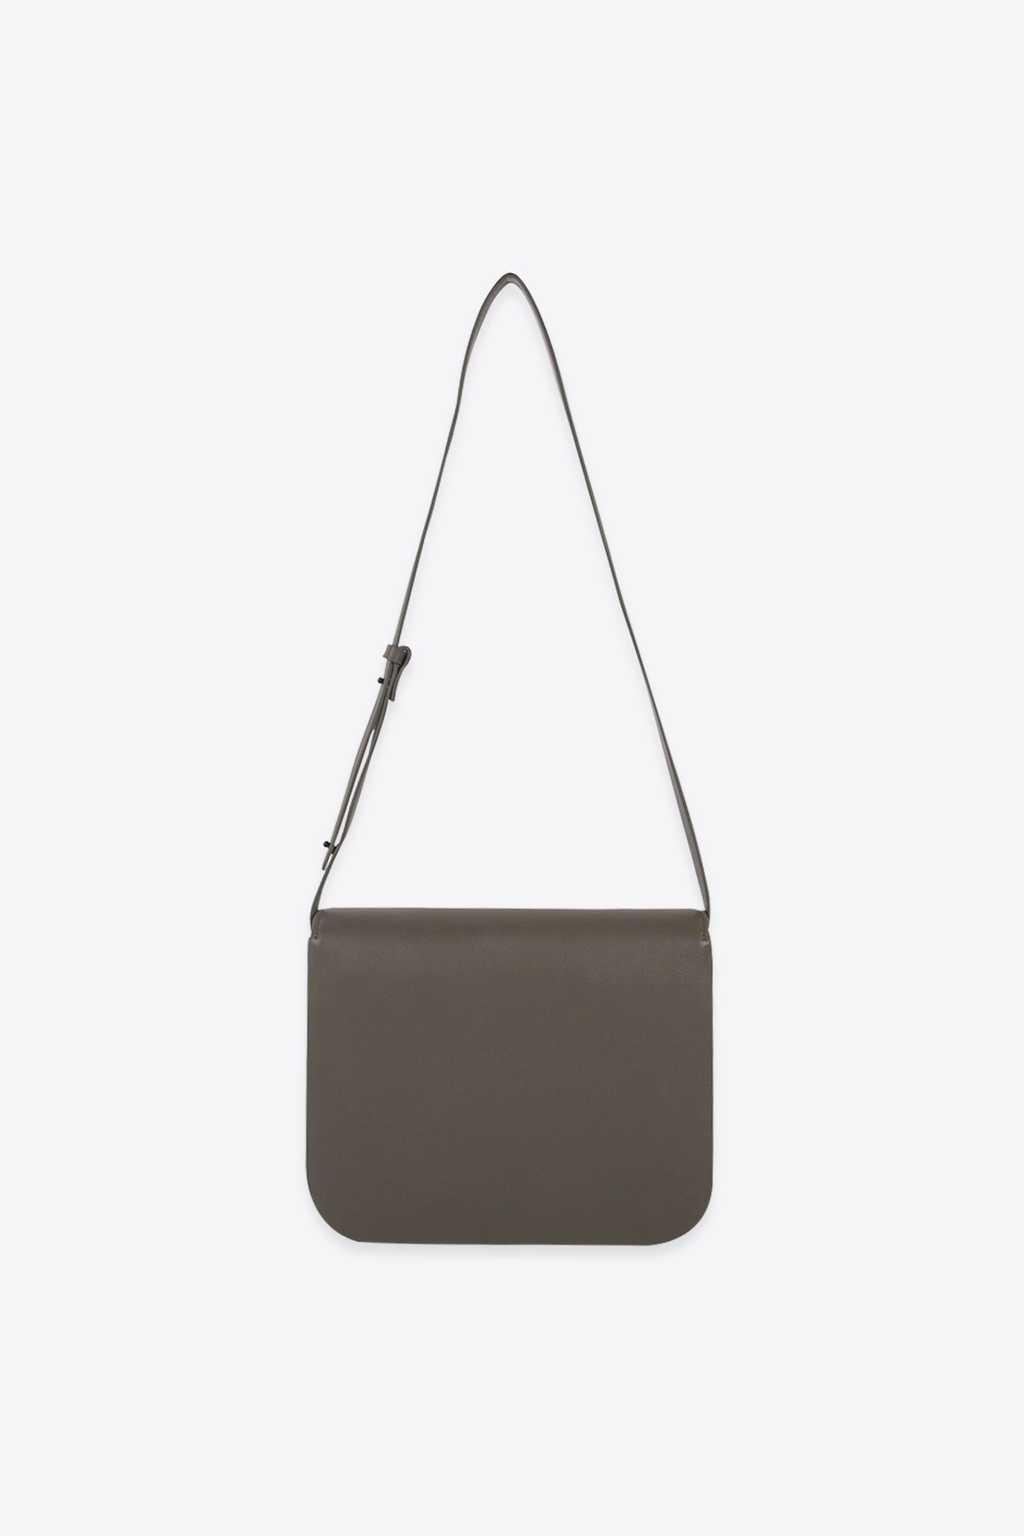 Bag 1058 Olive 2